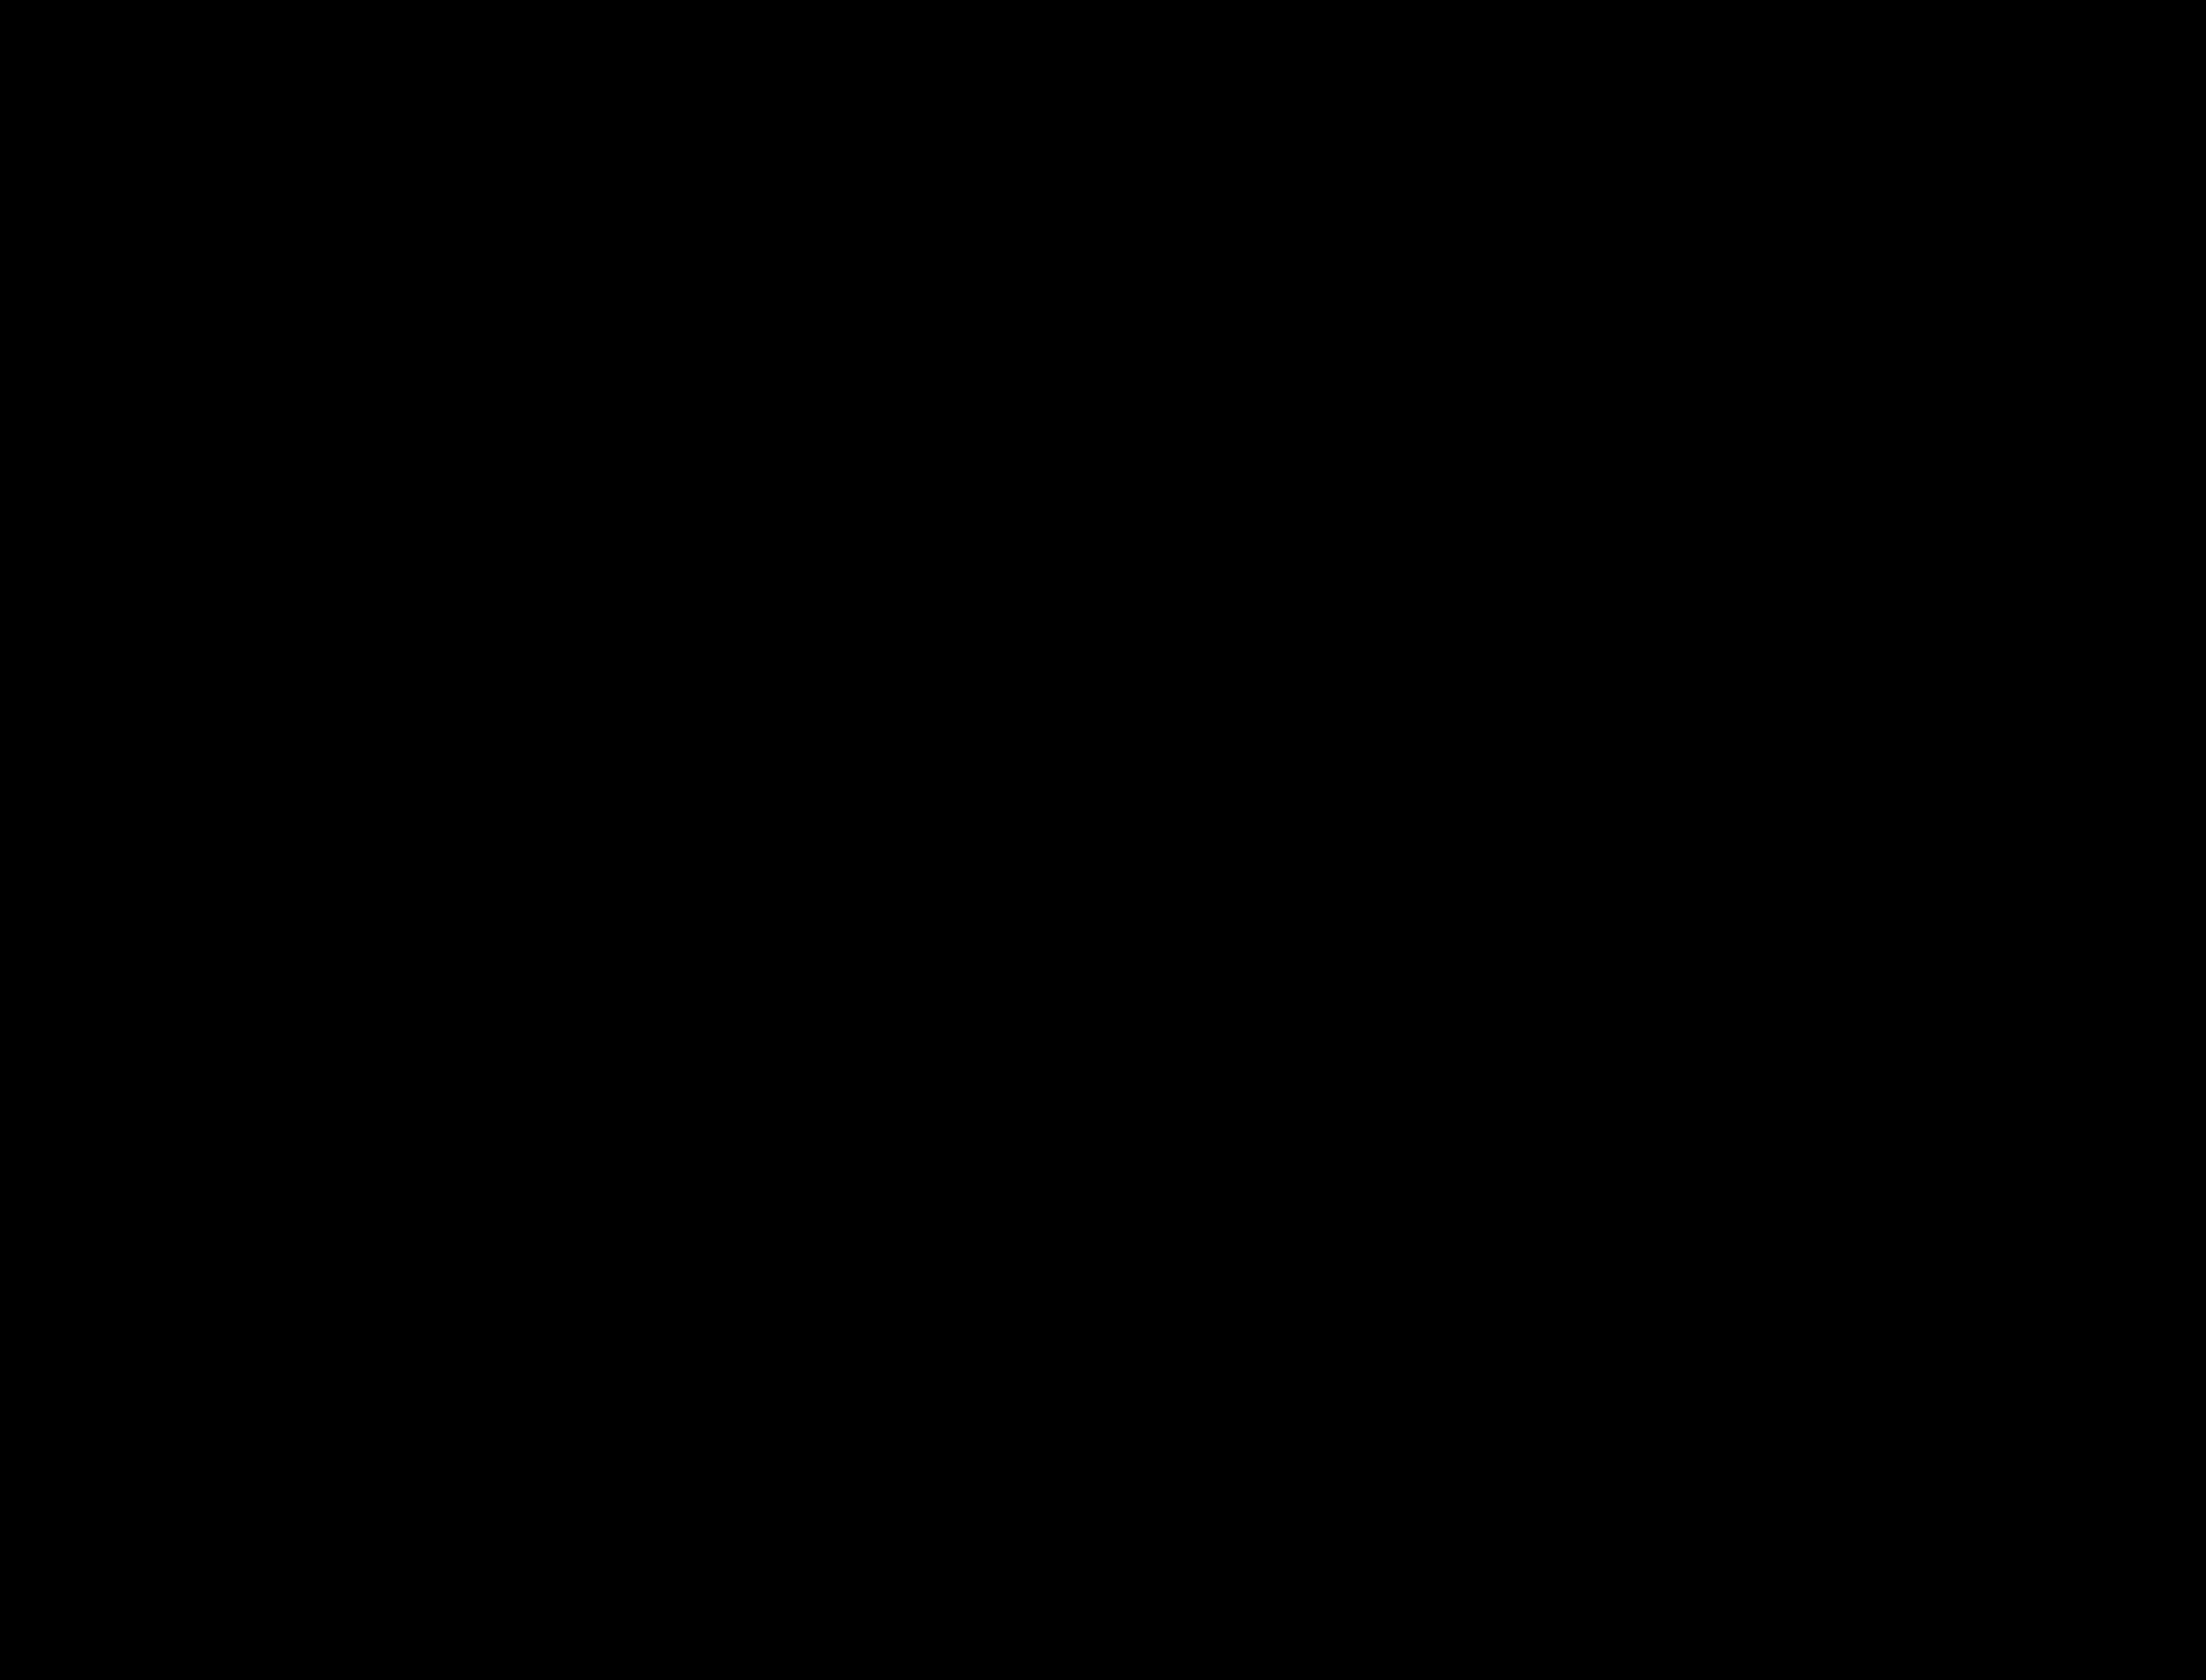 2400x1828 Camera Silhouette Clipart